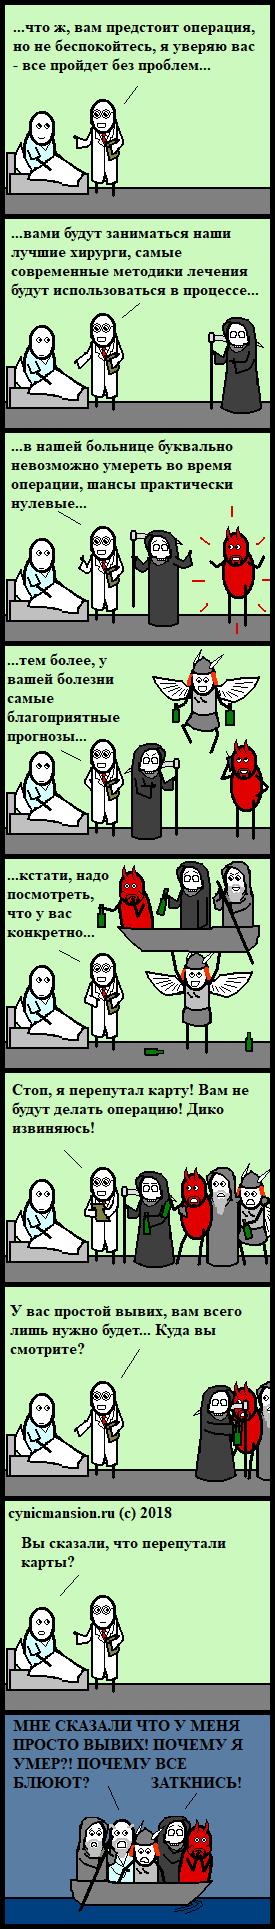 Убедительное Cynicmansion, Комиксы, Смерть, Дьявол, Харон, Длиннопост